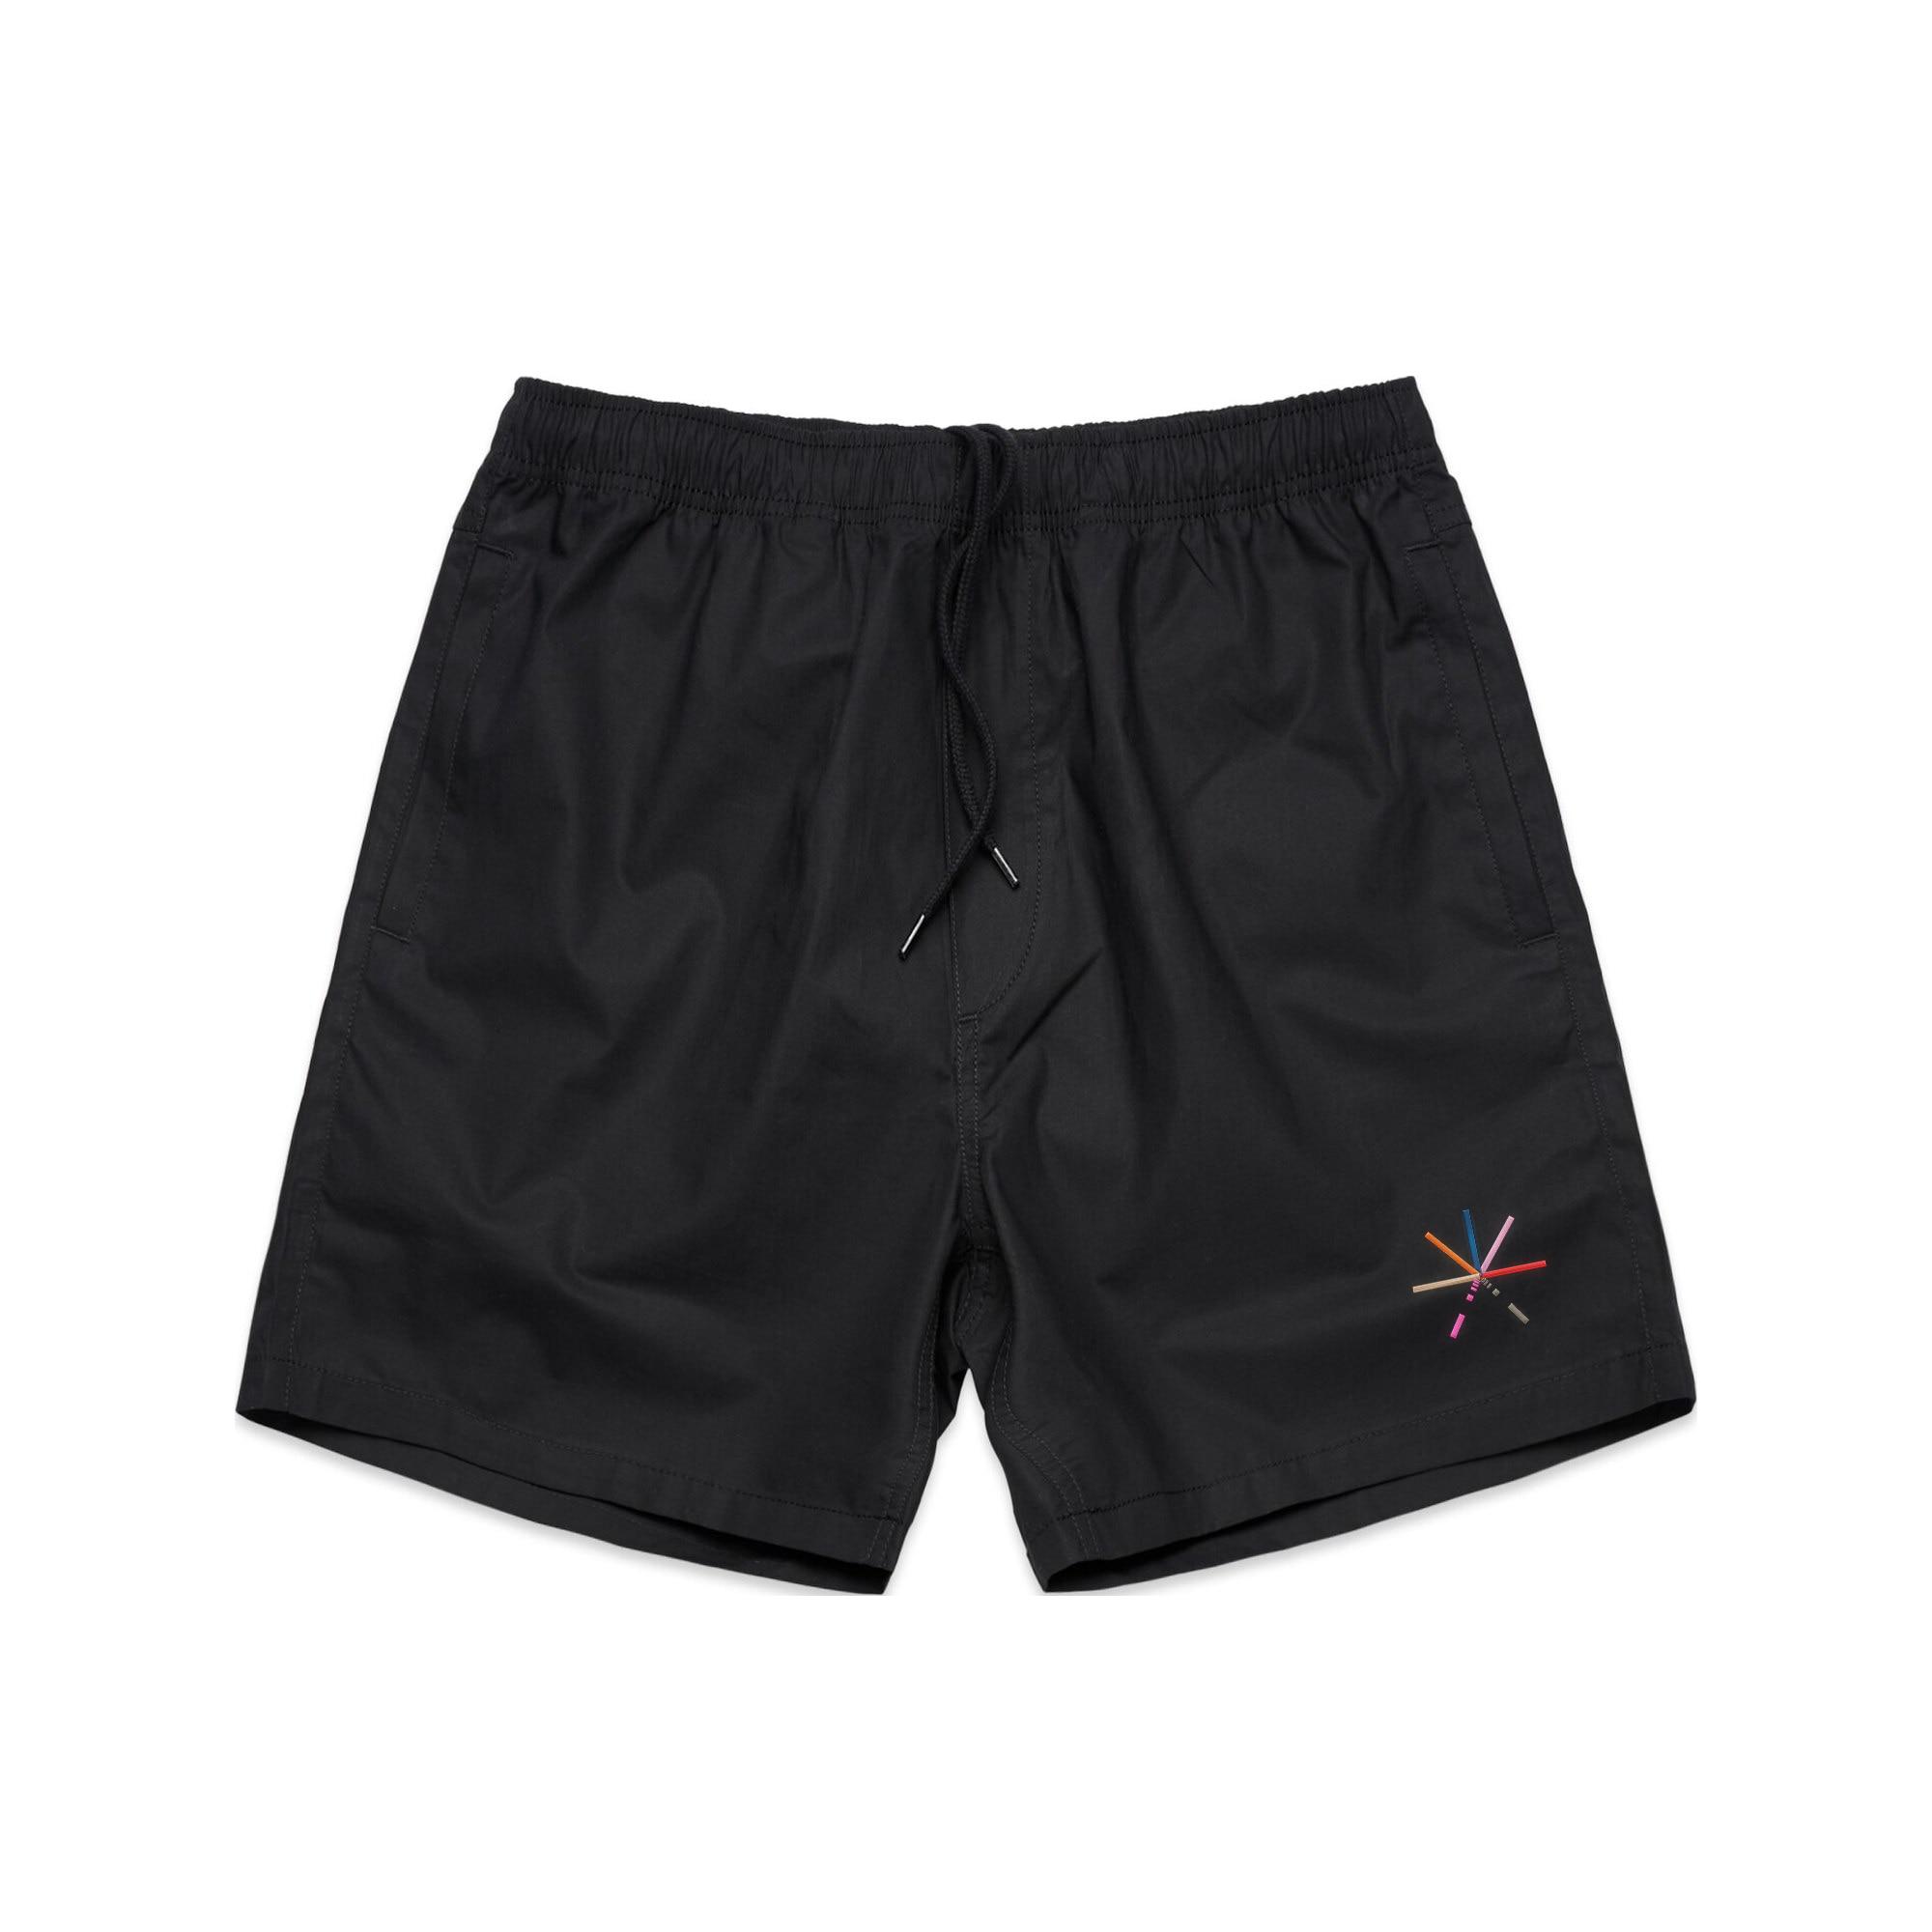 IMAGE | 7 Color Asterisk Embroidered Shorts (Black)